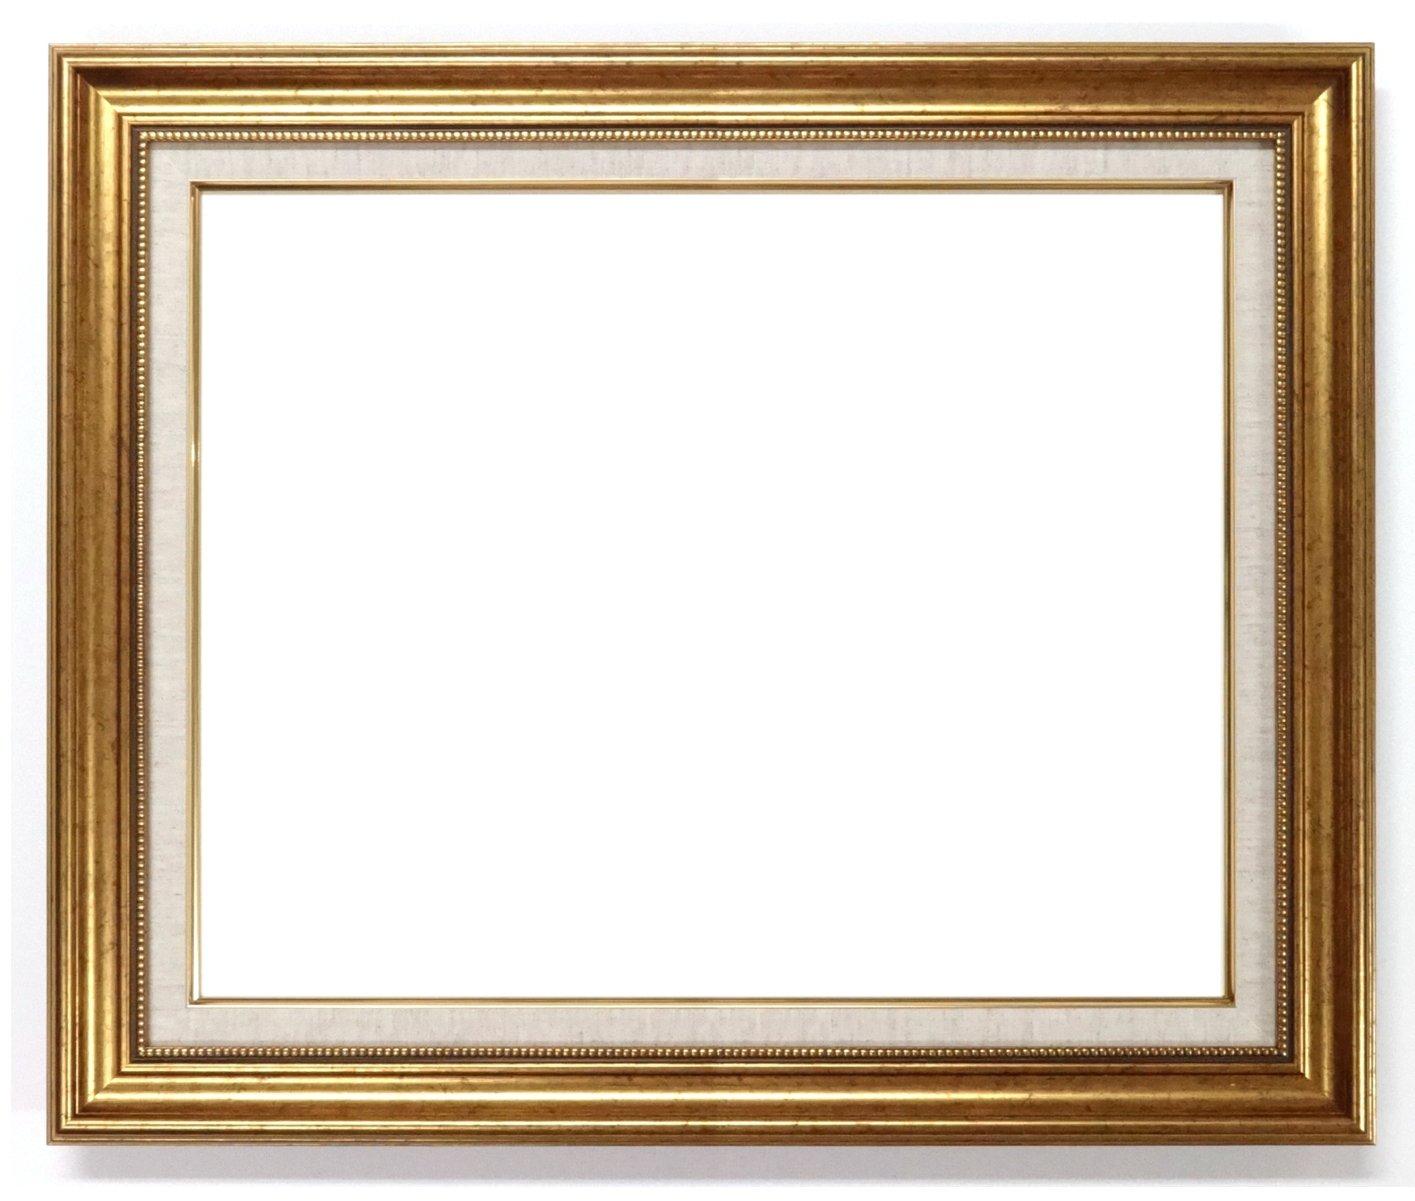 大額 油彩用額縁 8111 アクリル仕様 壁用フック付 (F10, ゴールド) B01K6GGDFI F10|ゴールド ゴールド F10